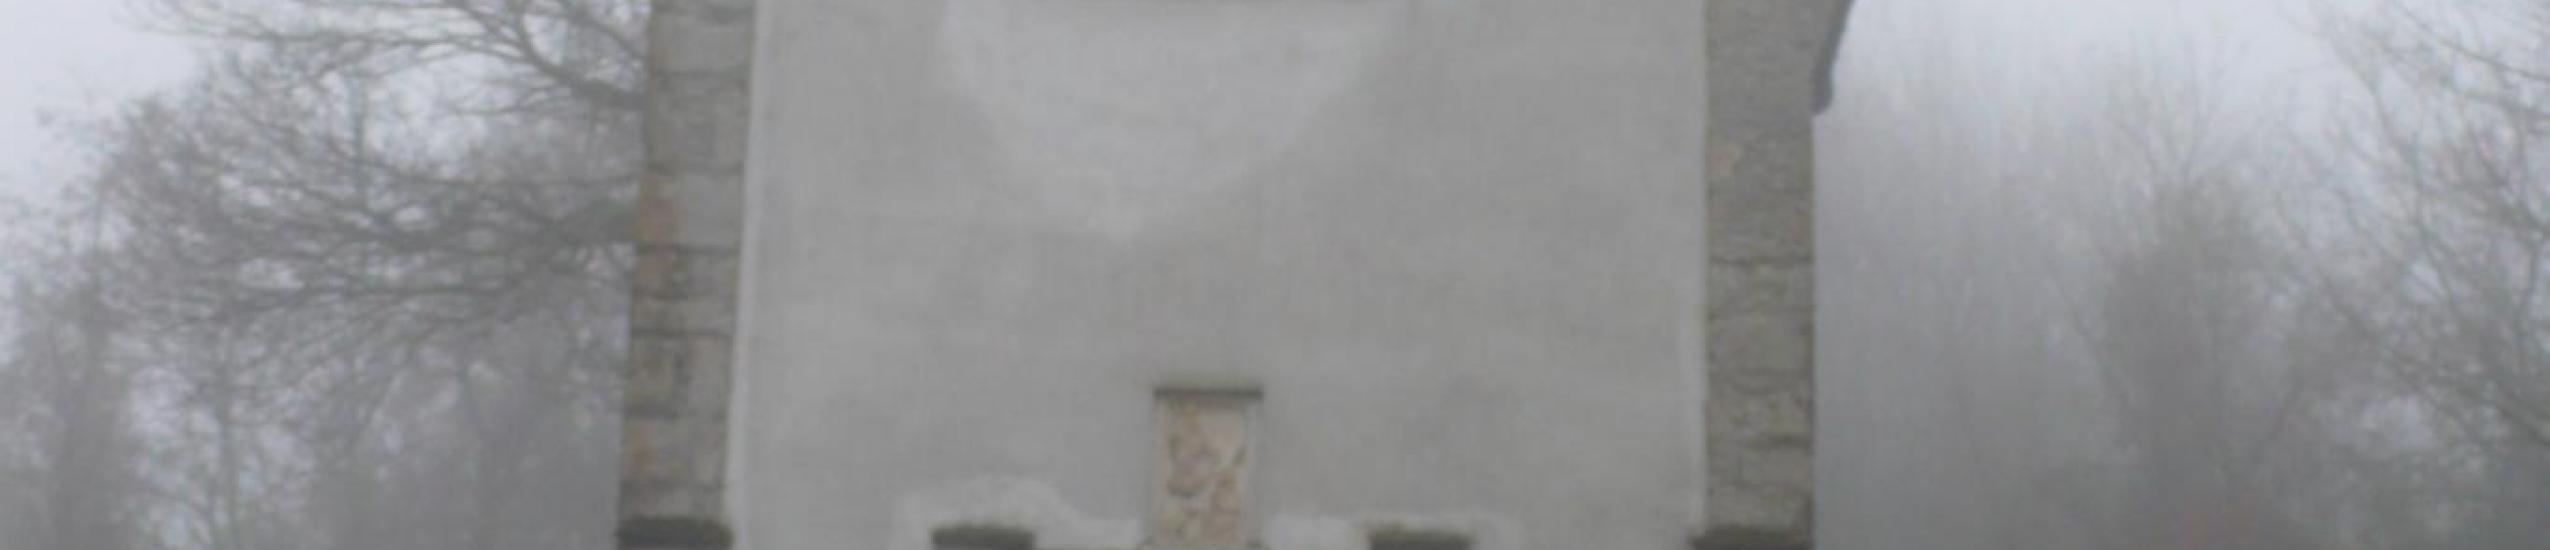 Cappella di San Rocco Poggio dello Zucchero